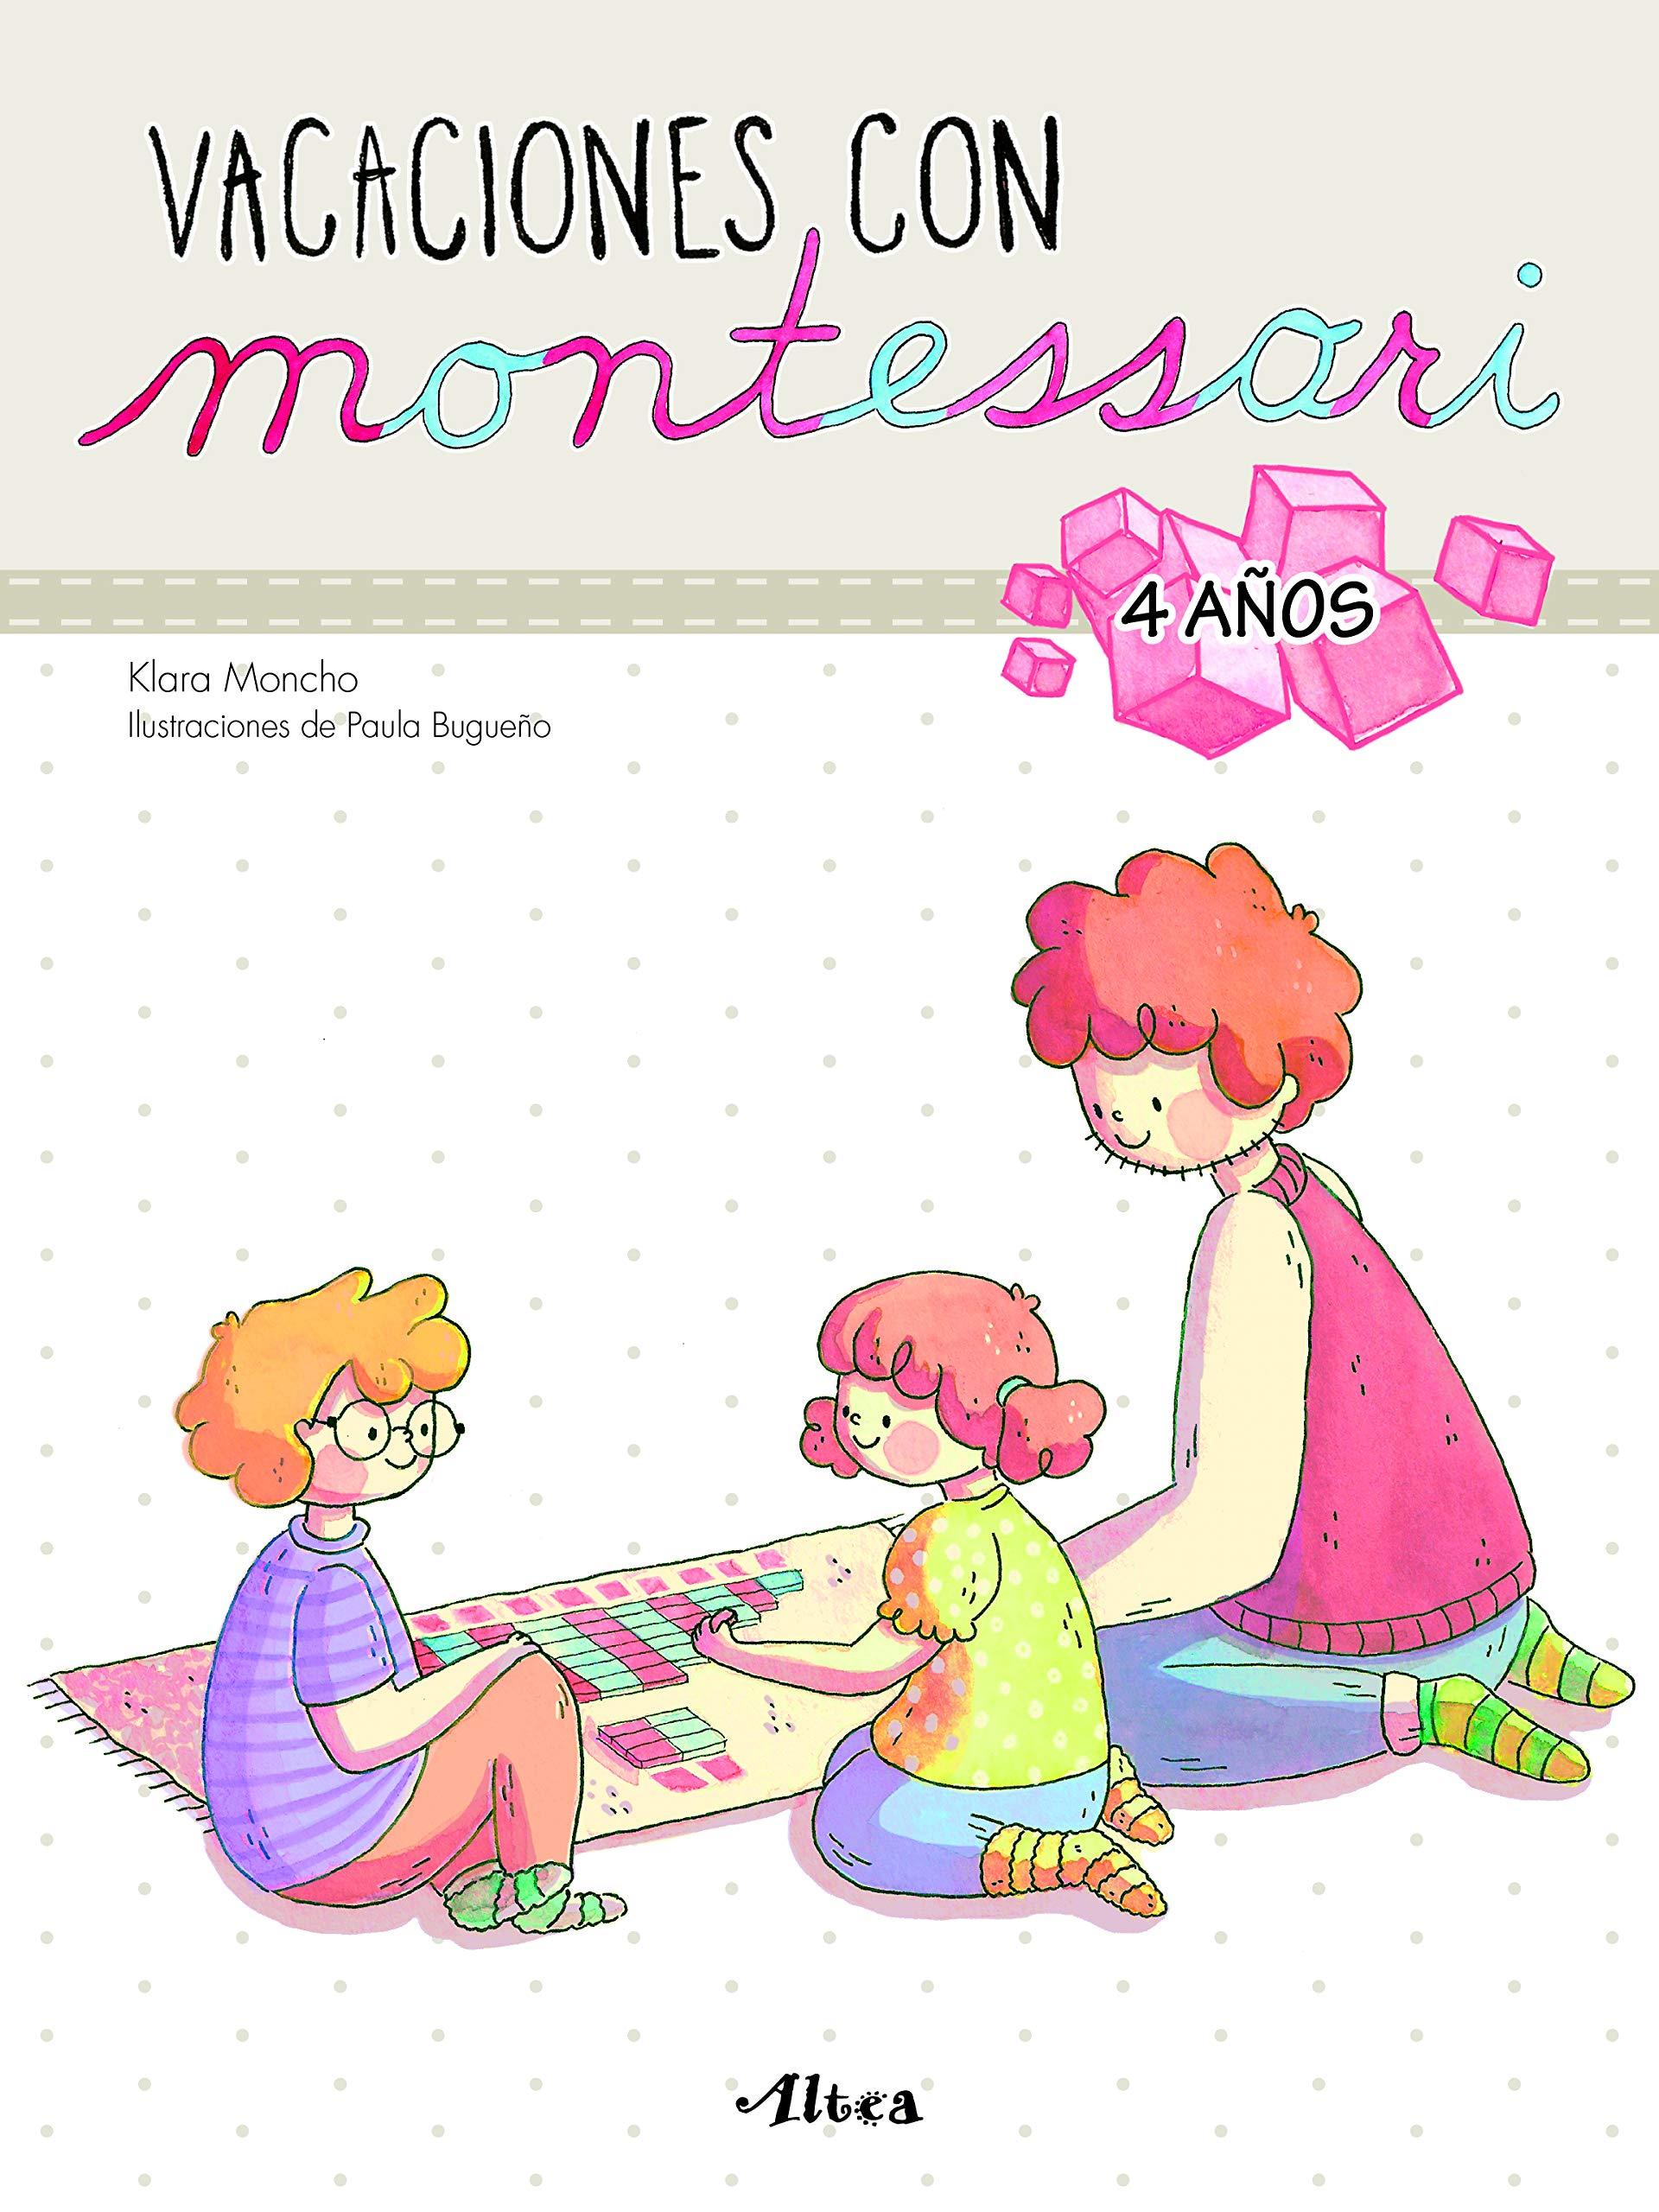 Vacaciones con Montessori - 4 años (Juega y aprende): Amazon.es: Moncho, Klara, Bugueño, Paula: Libros